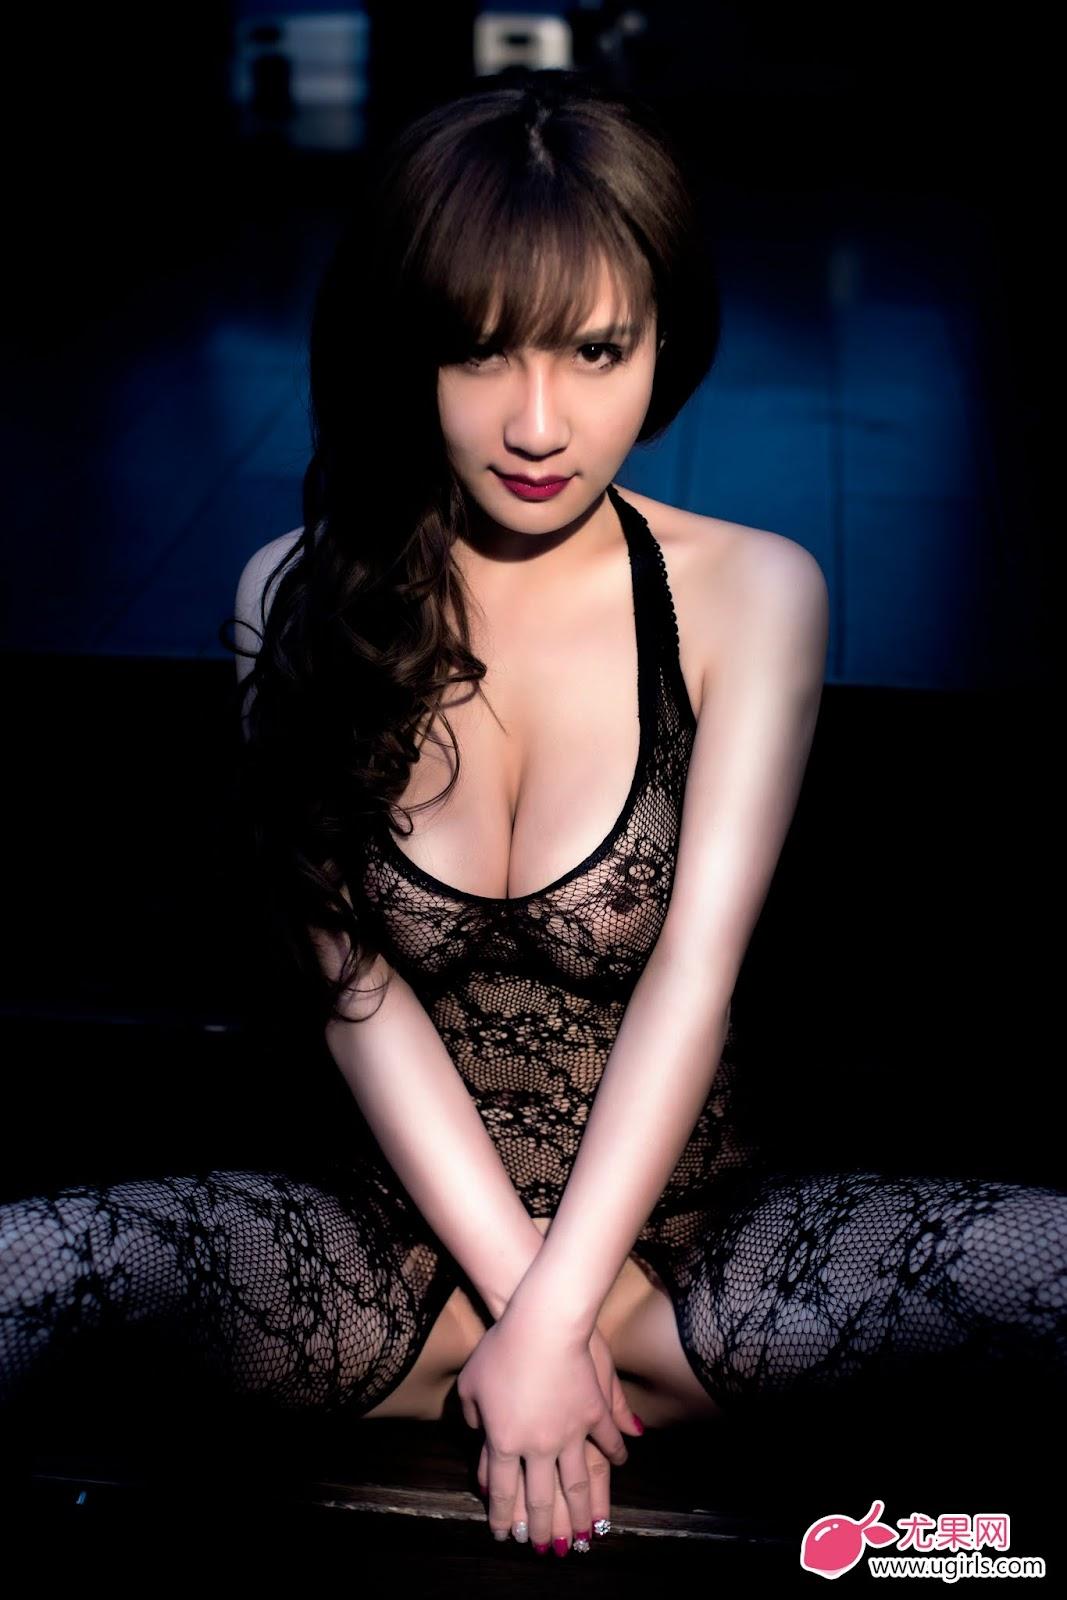 Ugirls No.015 Model  苏可可